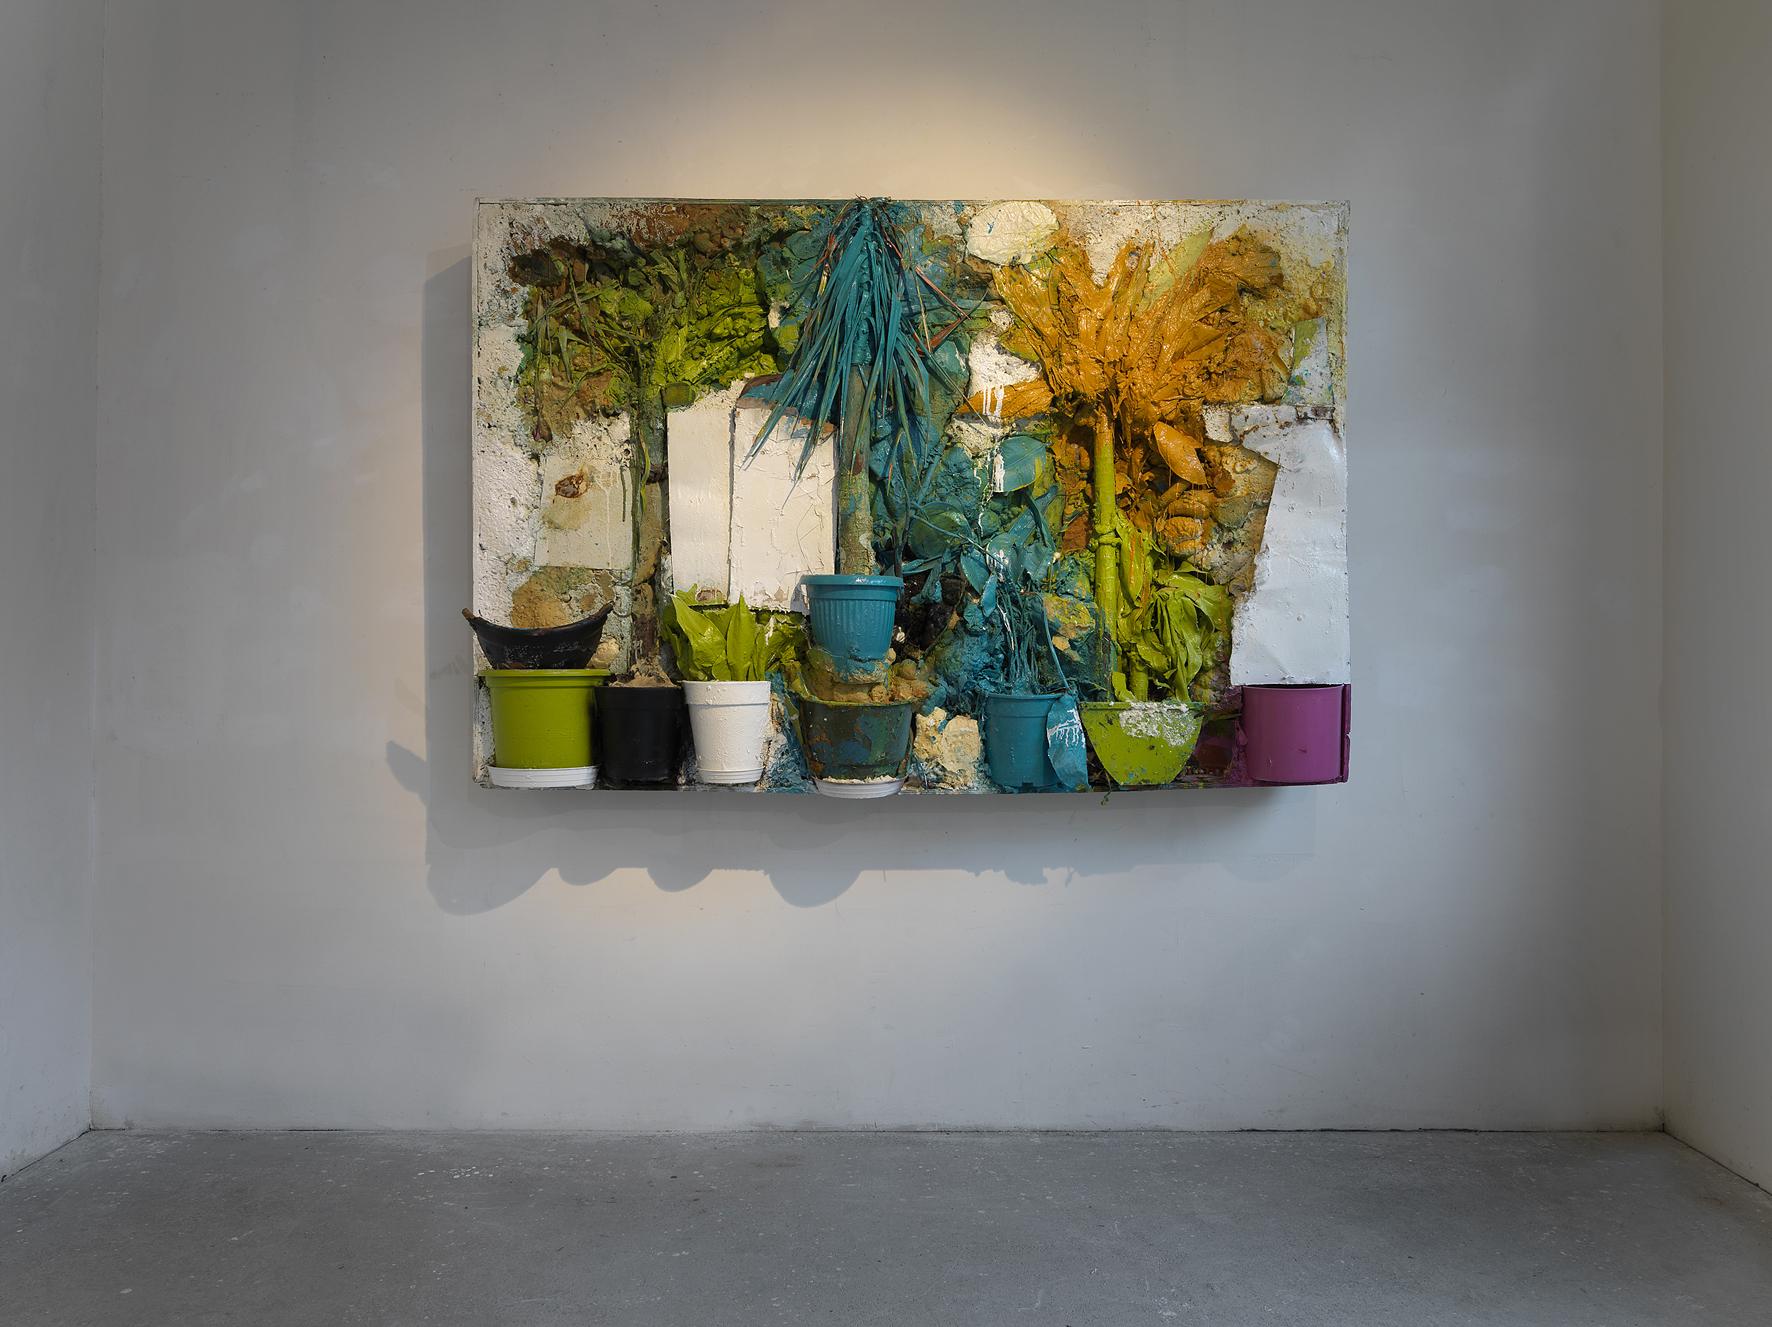 Bonioni Arte - Giacomo Cossio, Eden, 2015, tecnica mista su tavola,cm. 150x200x30, Museo della città di Rimini, 2016, foto Dario Lasagni